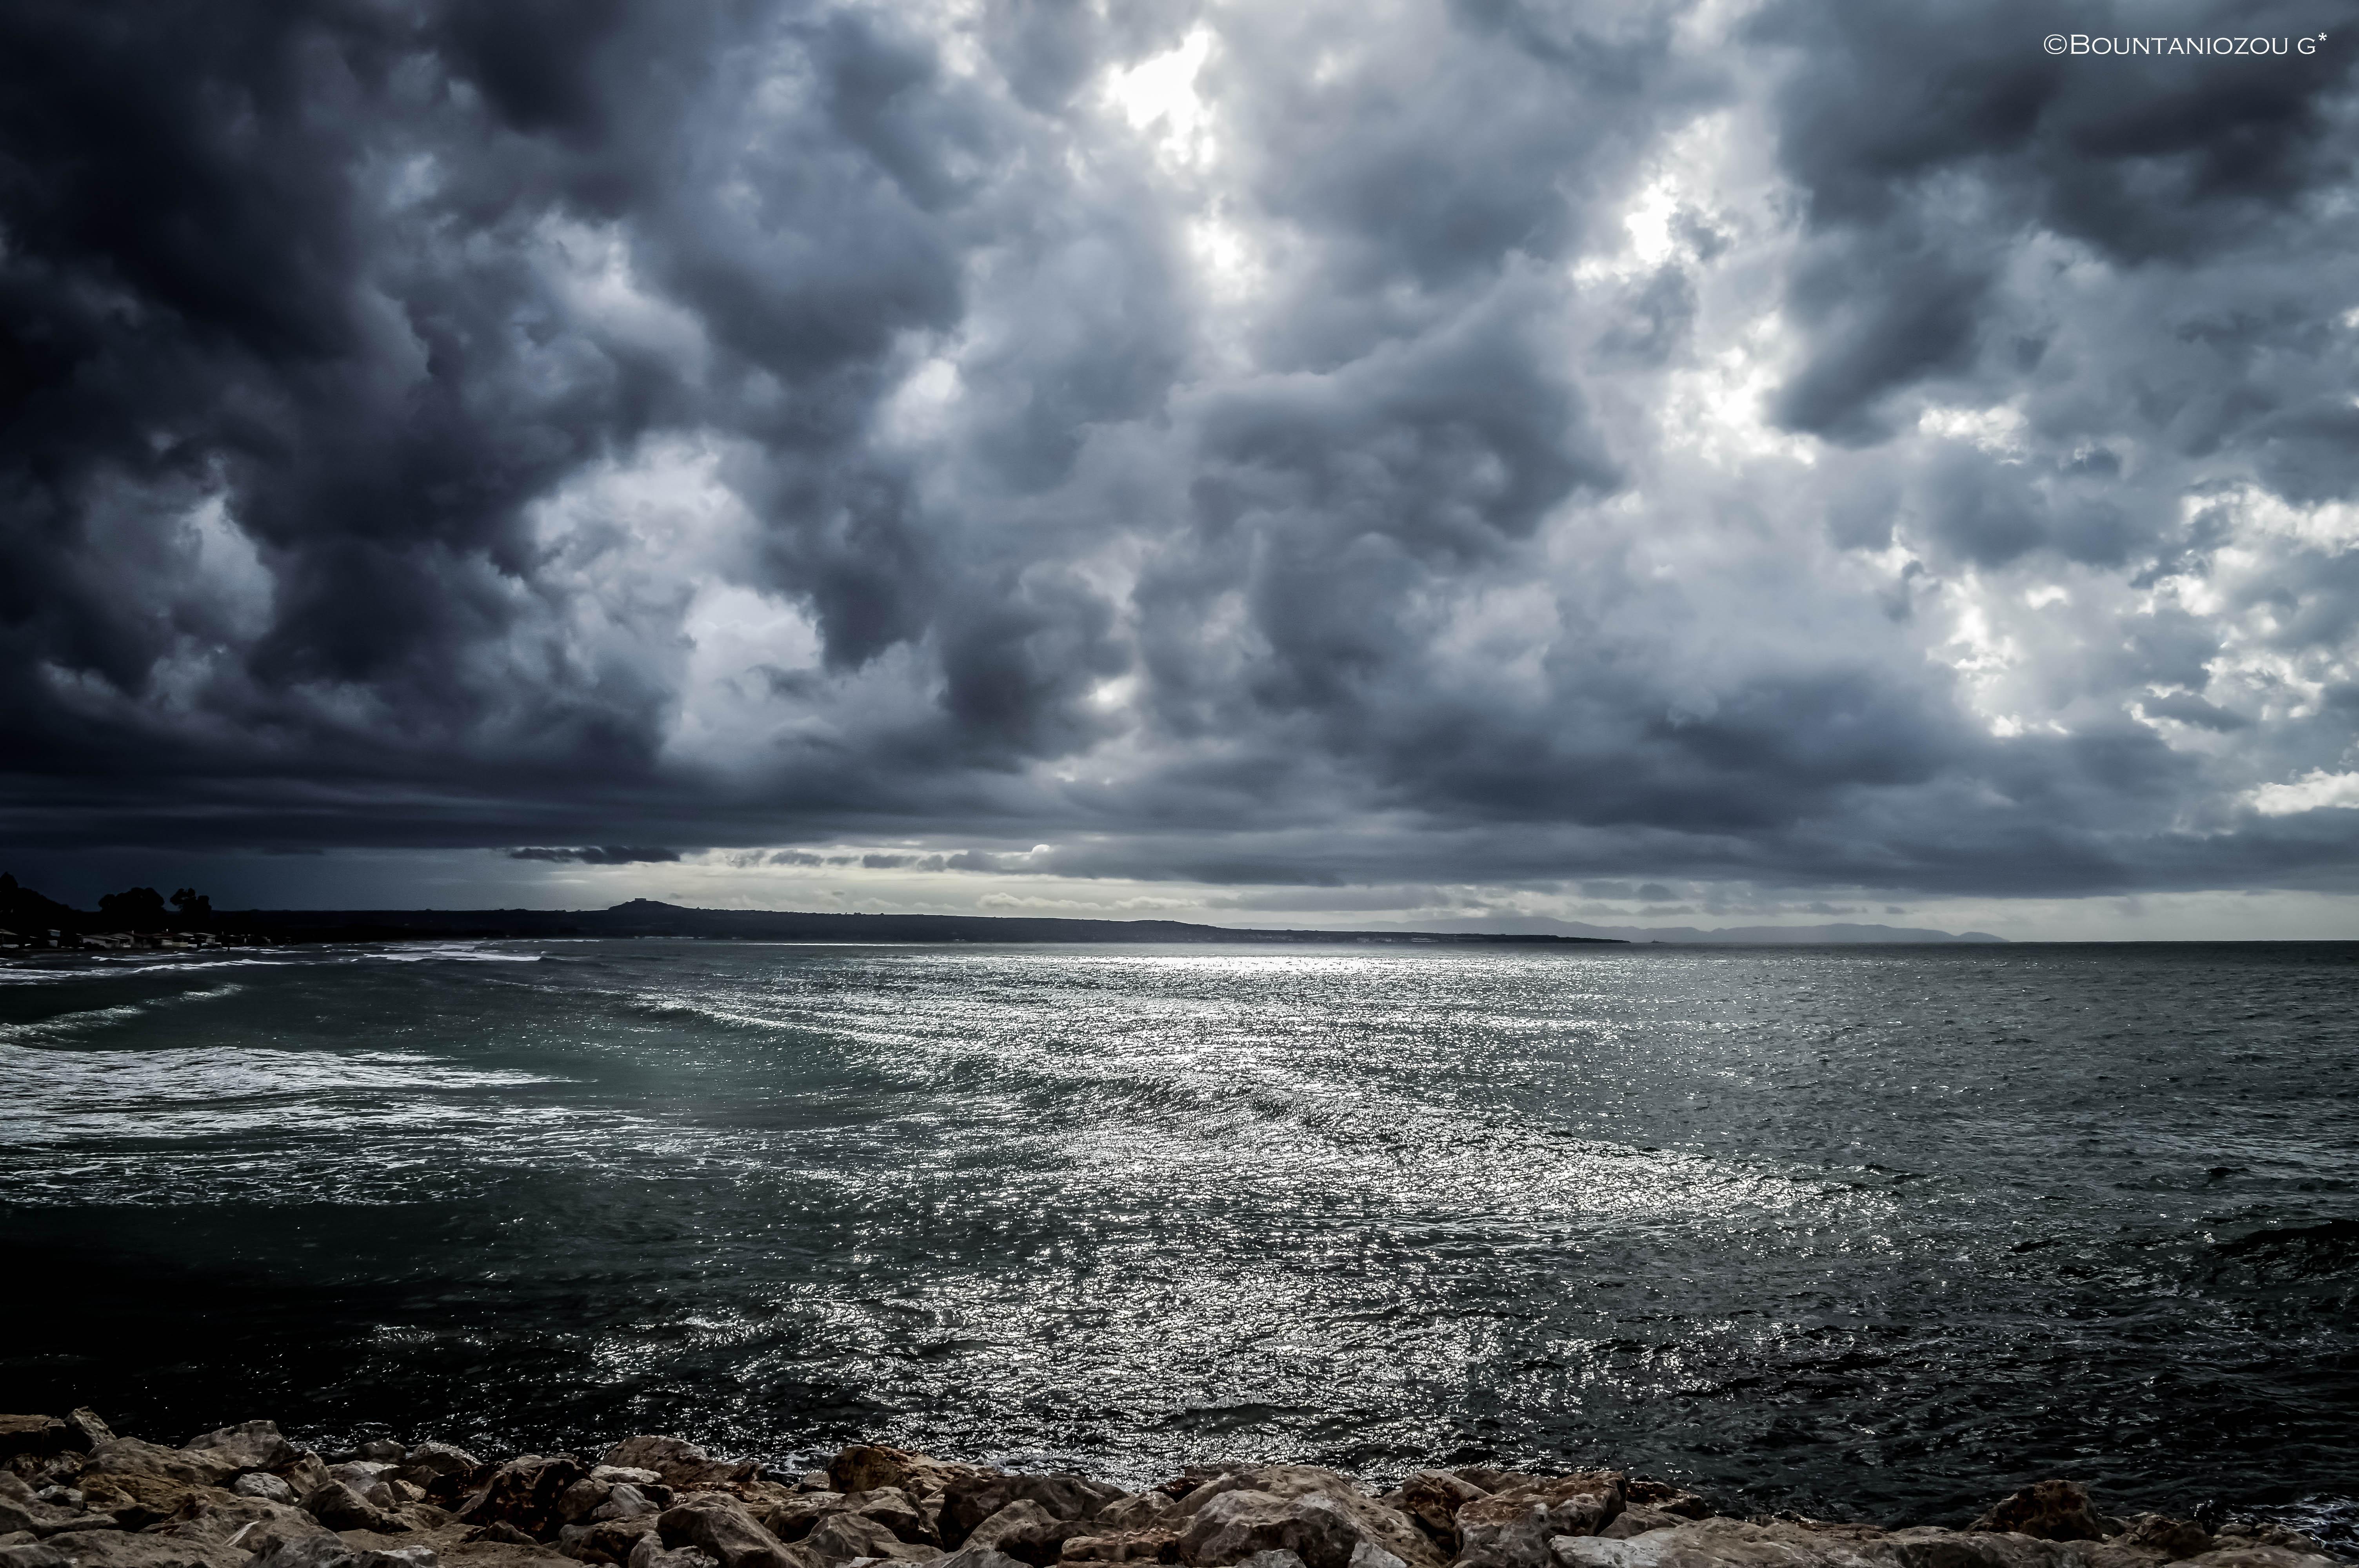 спокойно море с плохой погодой картинка радиатор, который представлен